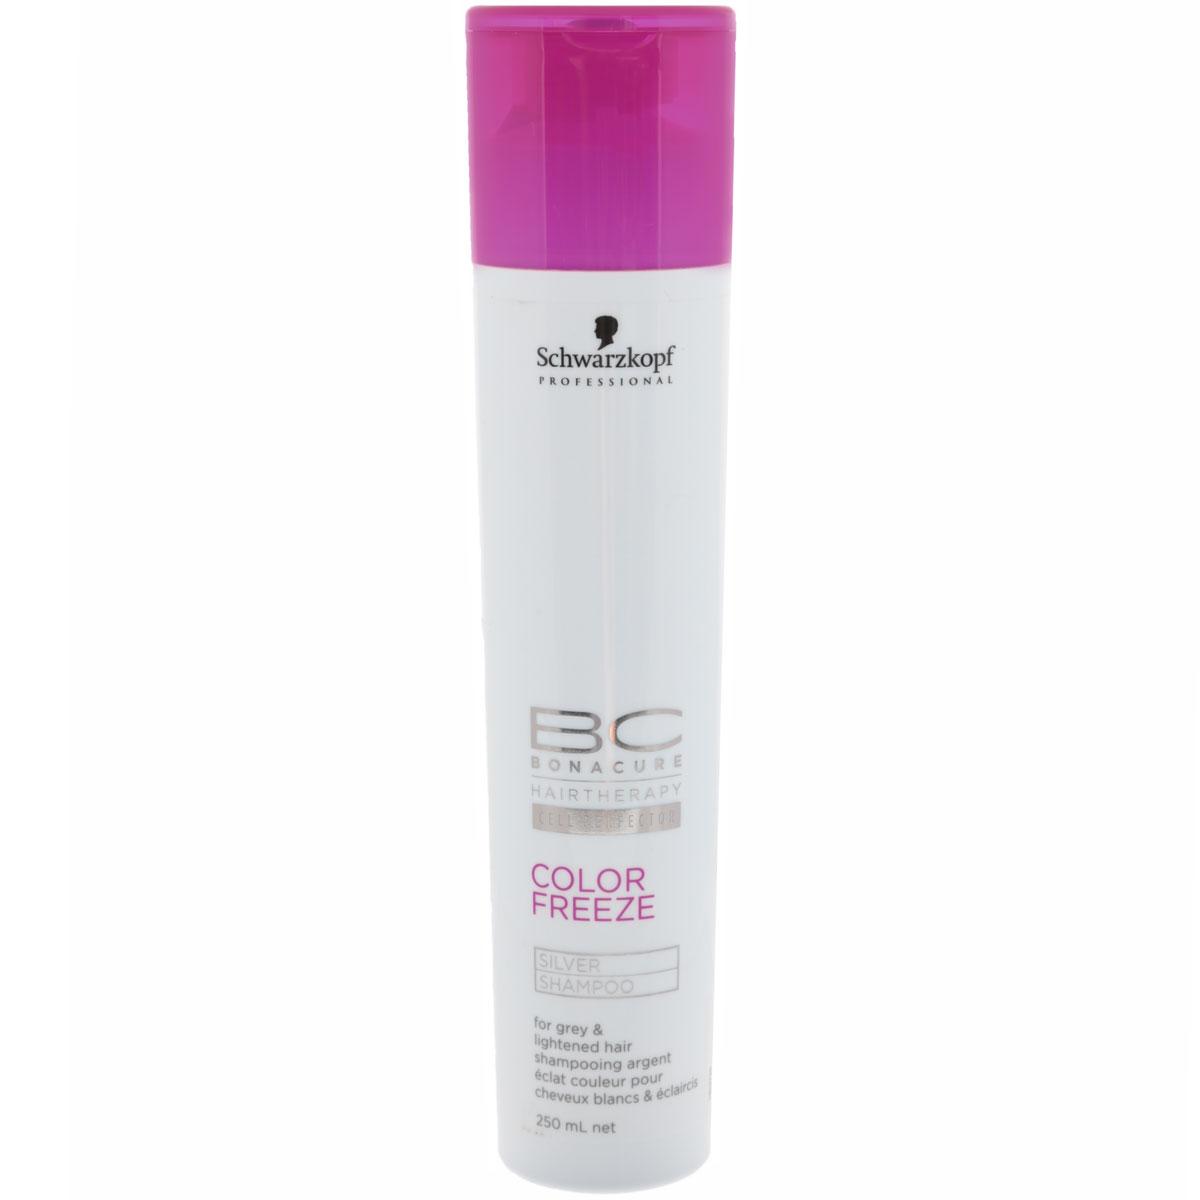 Bonacure Шампунь для волос придающий серебряный оттенок волосам Color Freeze Silver Shampoo 250 млБ33041_шампунь-барбарис и липа, скраб -черная смородинаШампунь Bonacure Color Freeze, придающий серебристый оттенок волосам, деликатно и эффективно очищает окрашенные волосы и кожу головы. Укрепляет структуру волос и удерживает оптимальный уровень pH 4.5, сводит потерю цвета к 0. Нейтрализует теплые оттенки и придает холодный оттенок волосам. Для окрашенных волос. Рекомендуется использовать в комплексе с продуктами ухода линейки BC Color Freeze.